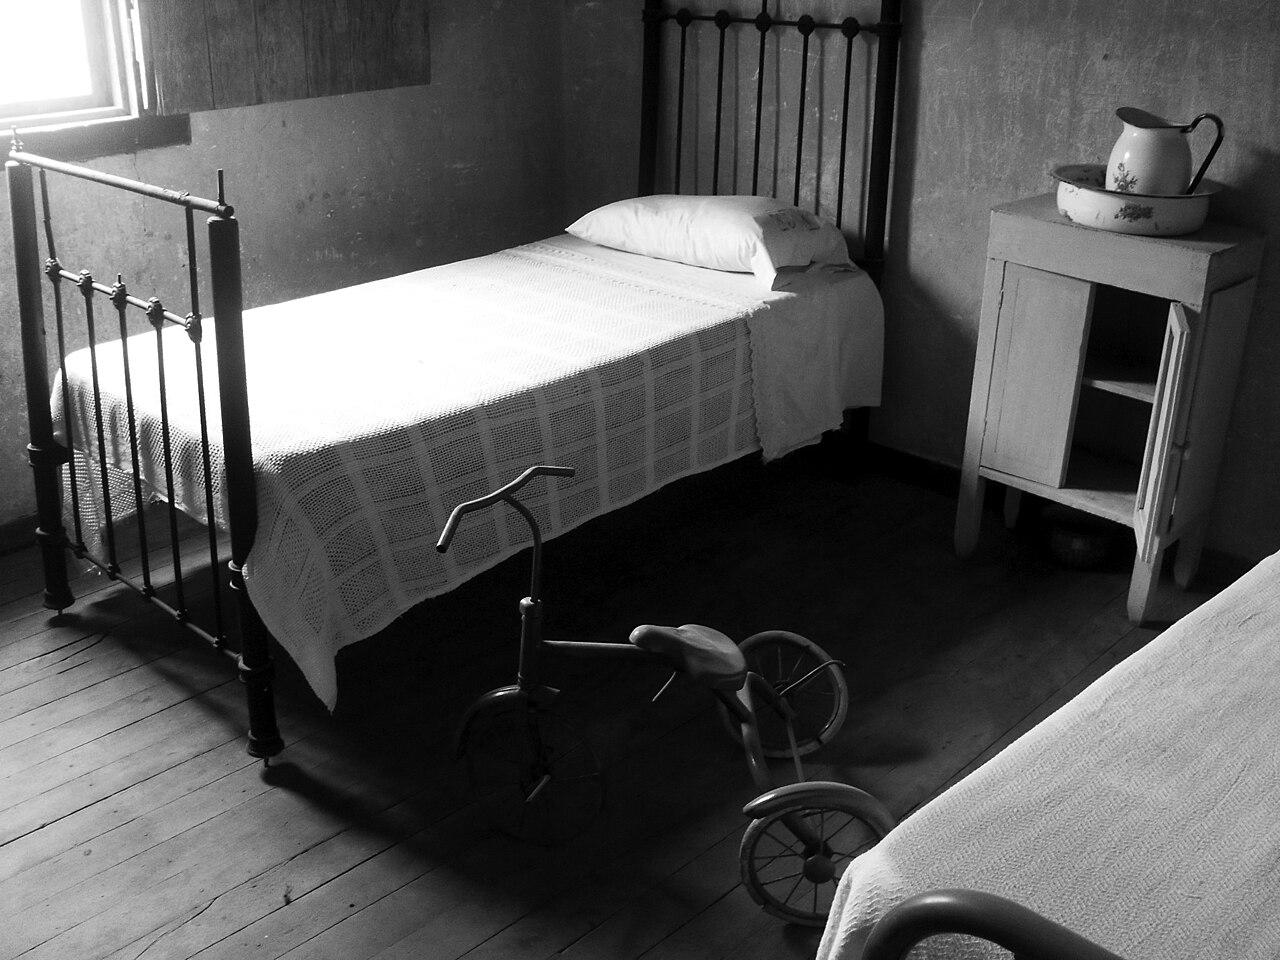 File cama mesita de noche y triciclo oficina salitrera - Mesita noche original ...